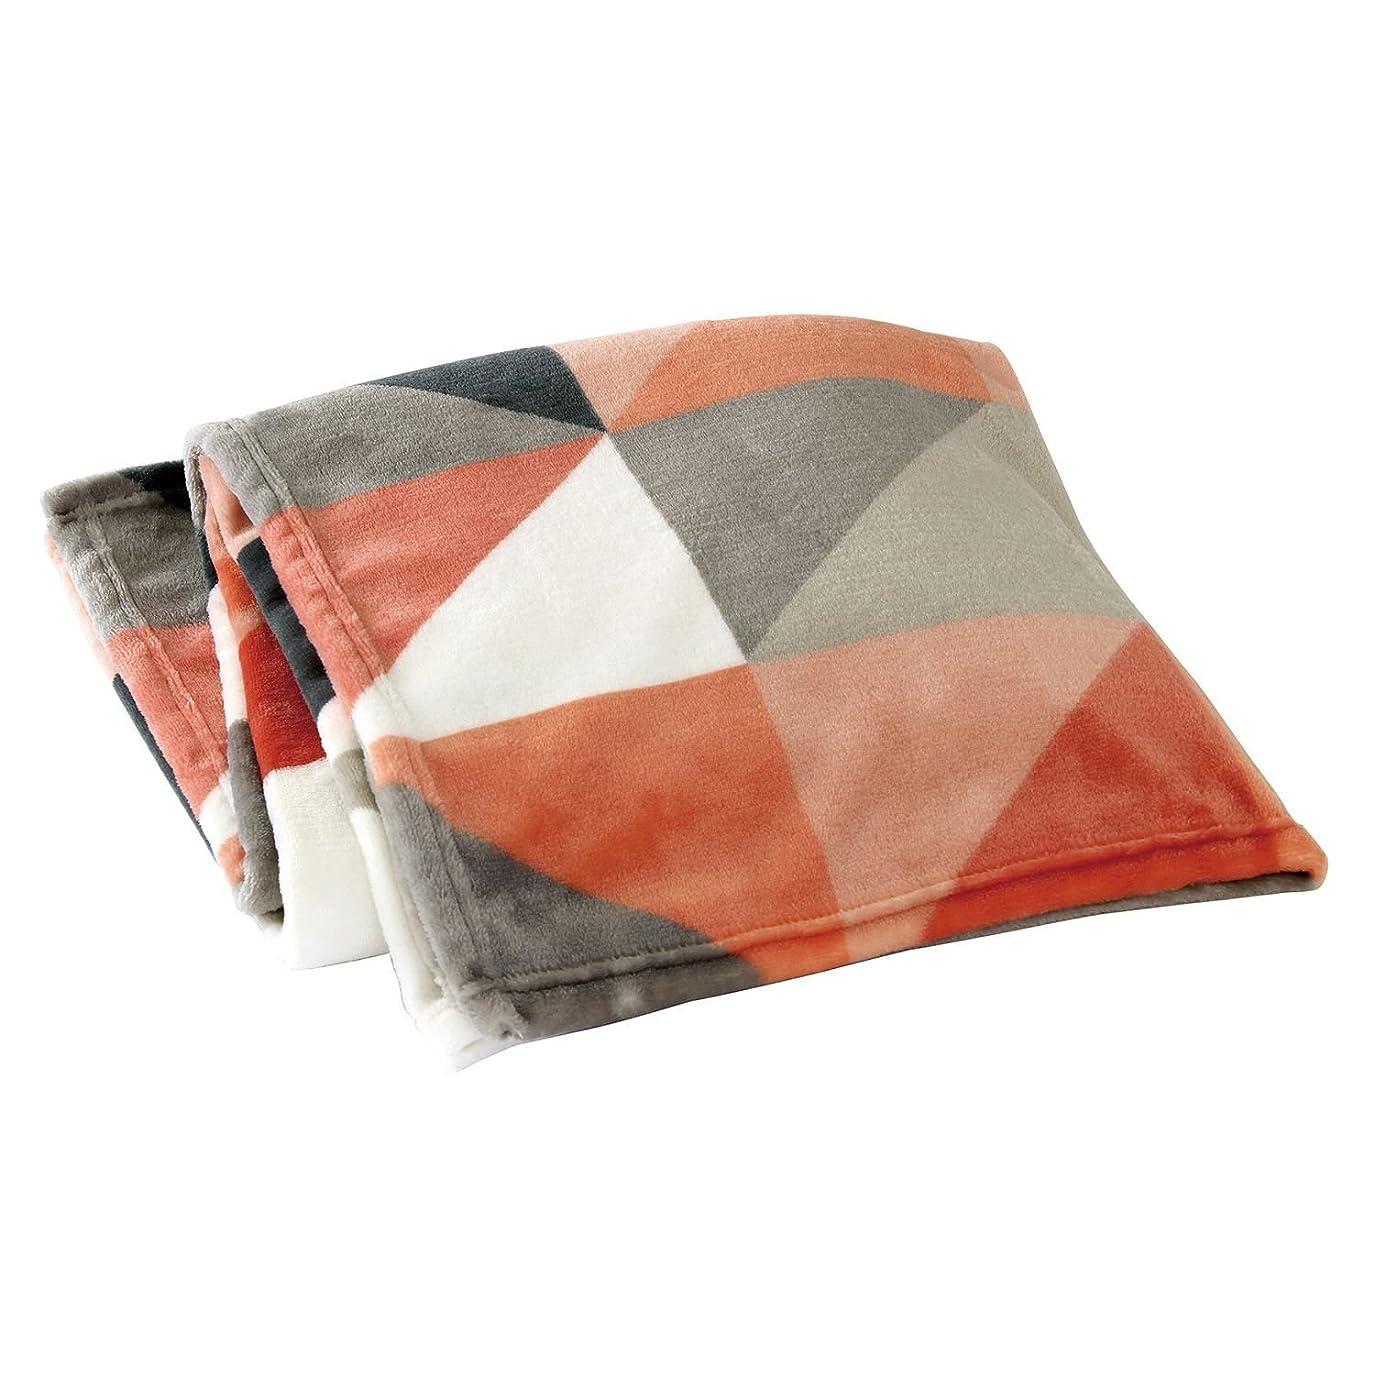 SPICE OF LIFE ふわふわブランケット フリース あったか毛布 カラフルモザイク レッド 150×100cm NHLH2810F